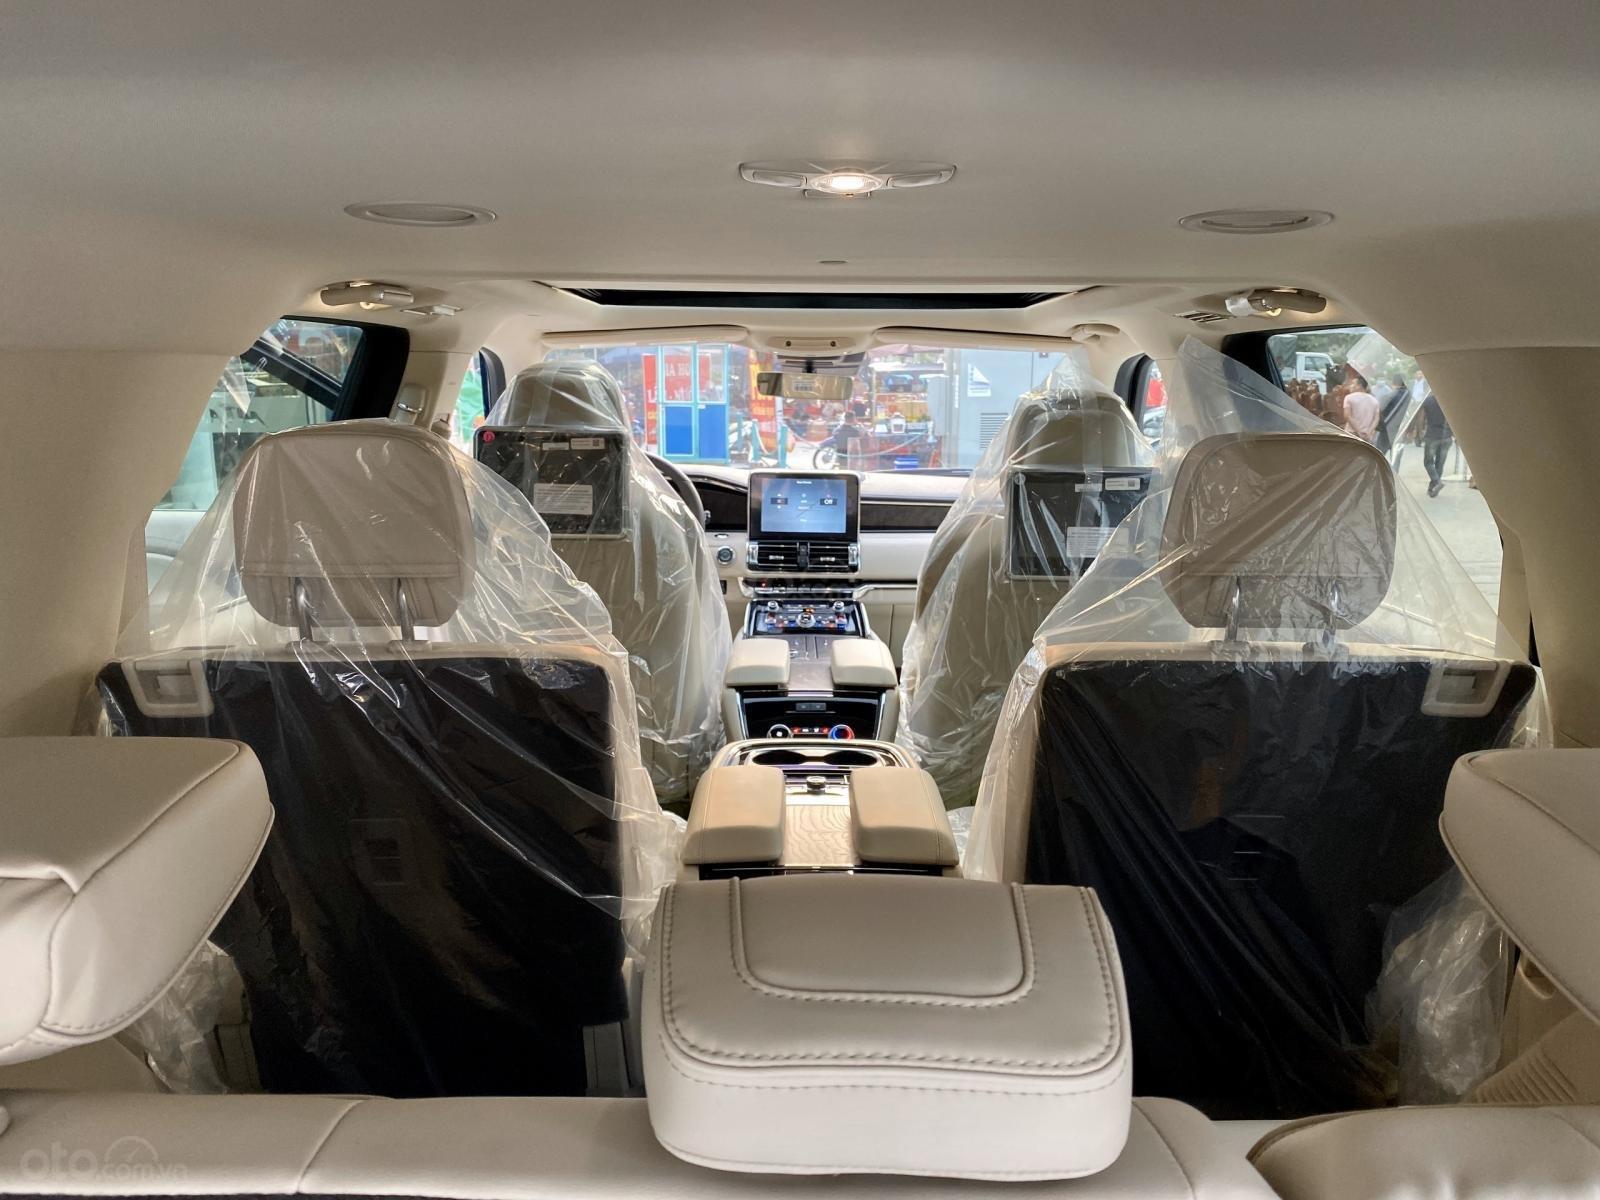 Bán xe Lincoln Navigator Navigator 2020, giá tốt, giao ngay toàn quốc. LH Ms. Hương 0945.39.2468 (16)